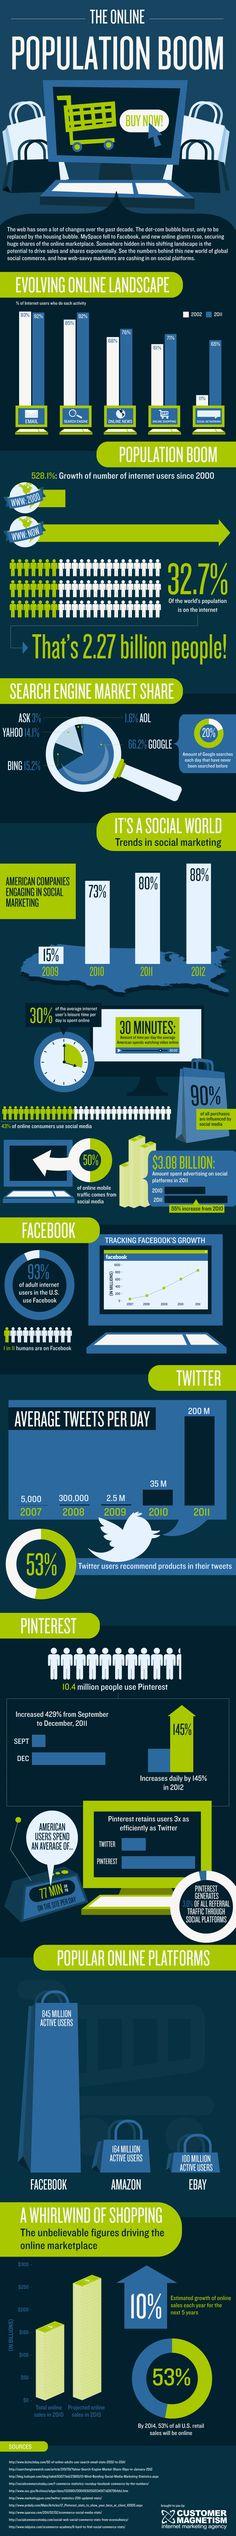 Las cifras del boom del mundo online